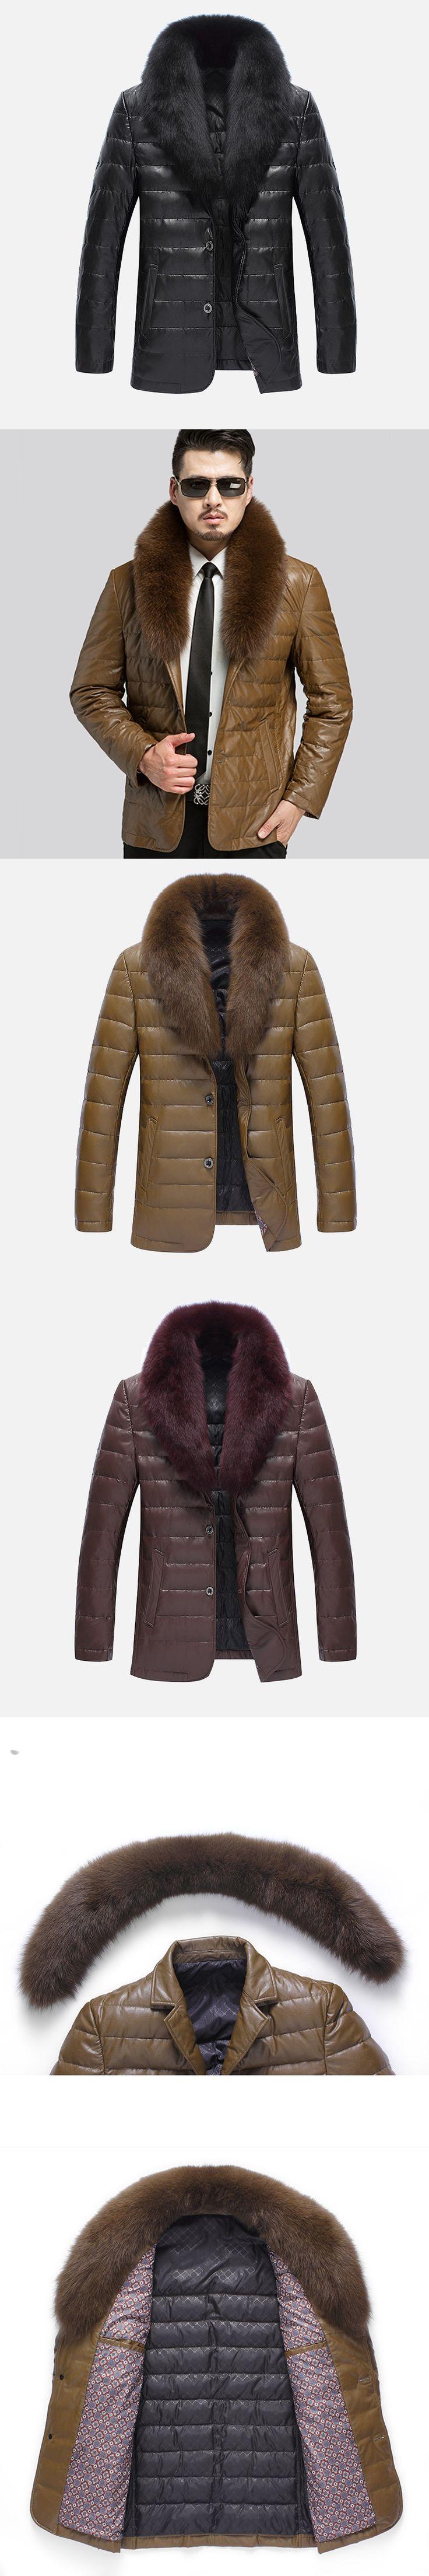 2017 Winter Men Leather Jackets Fur Collar Detachable Faux Leather Down Jackets Turn-down Collar Casual Jackets Coat XXXL